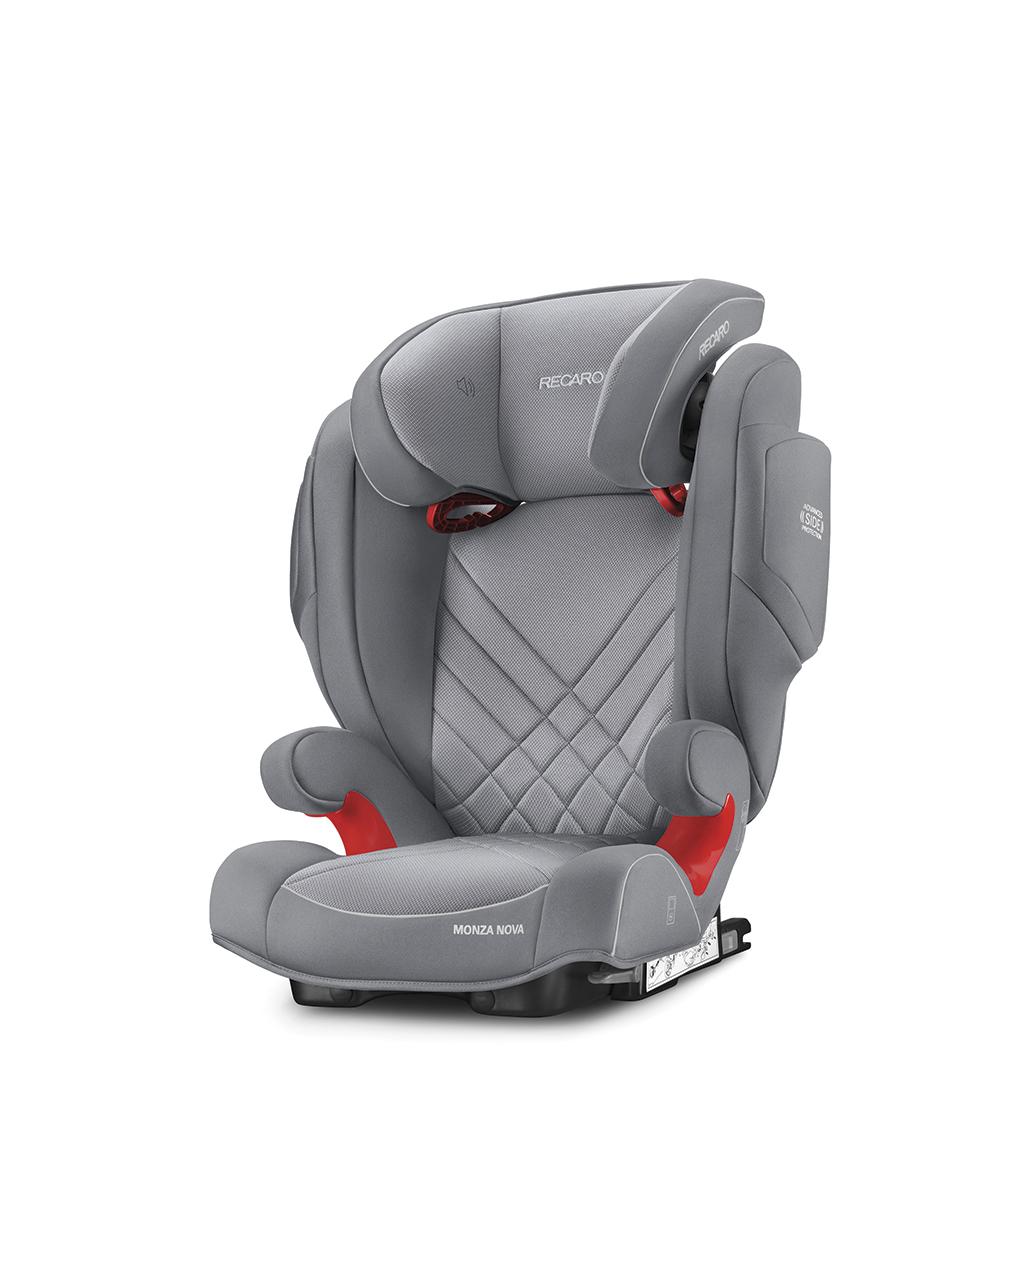 Recaro monza nova 2 seatfix aluminum grey (gr. 2/3) - Recaro